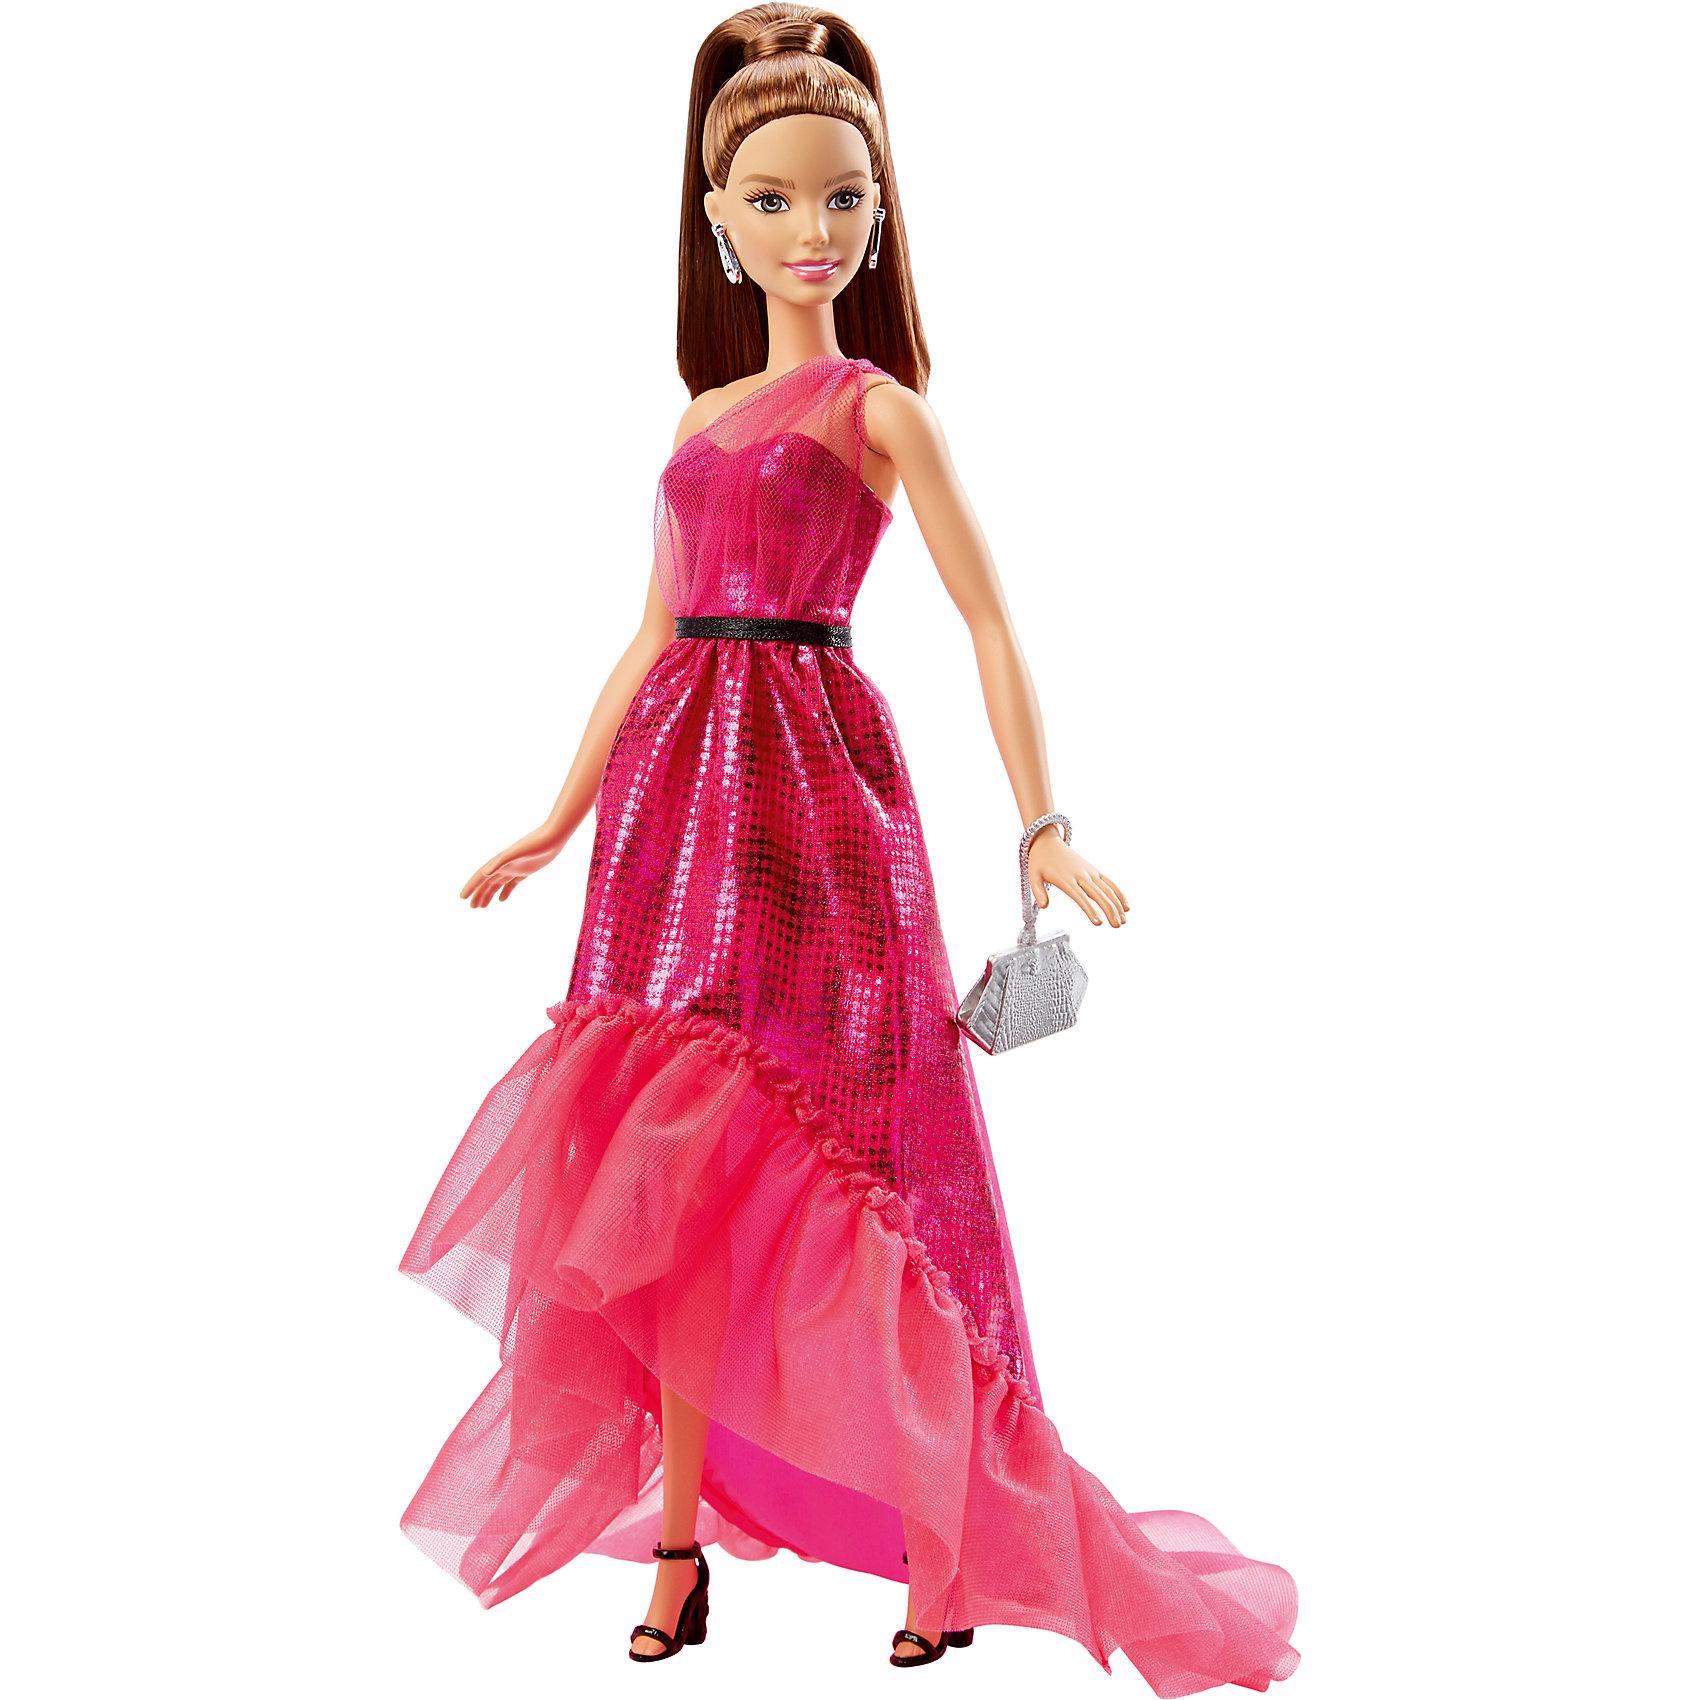 Mattel Кукла в вечернем платье-трансформере, Barbie barbie серебристо розовое платье с аксессуарами барби